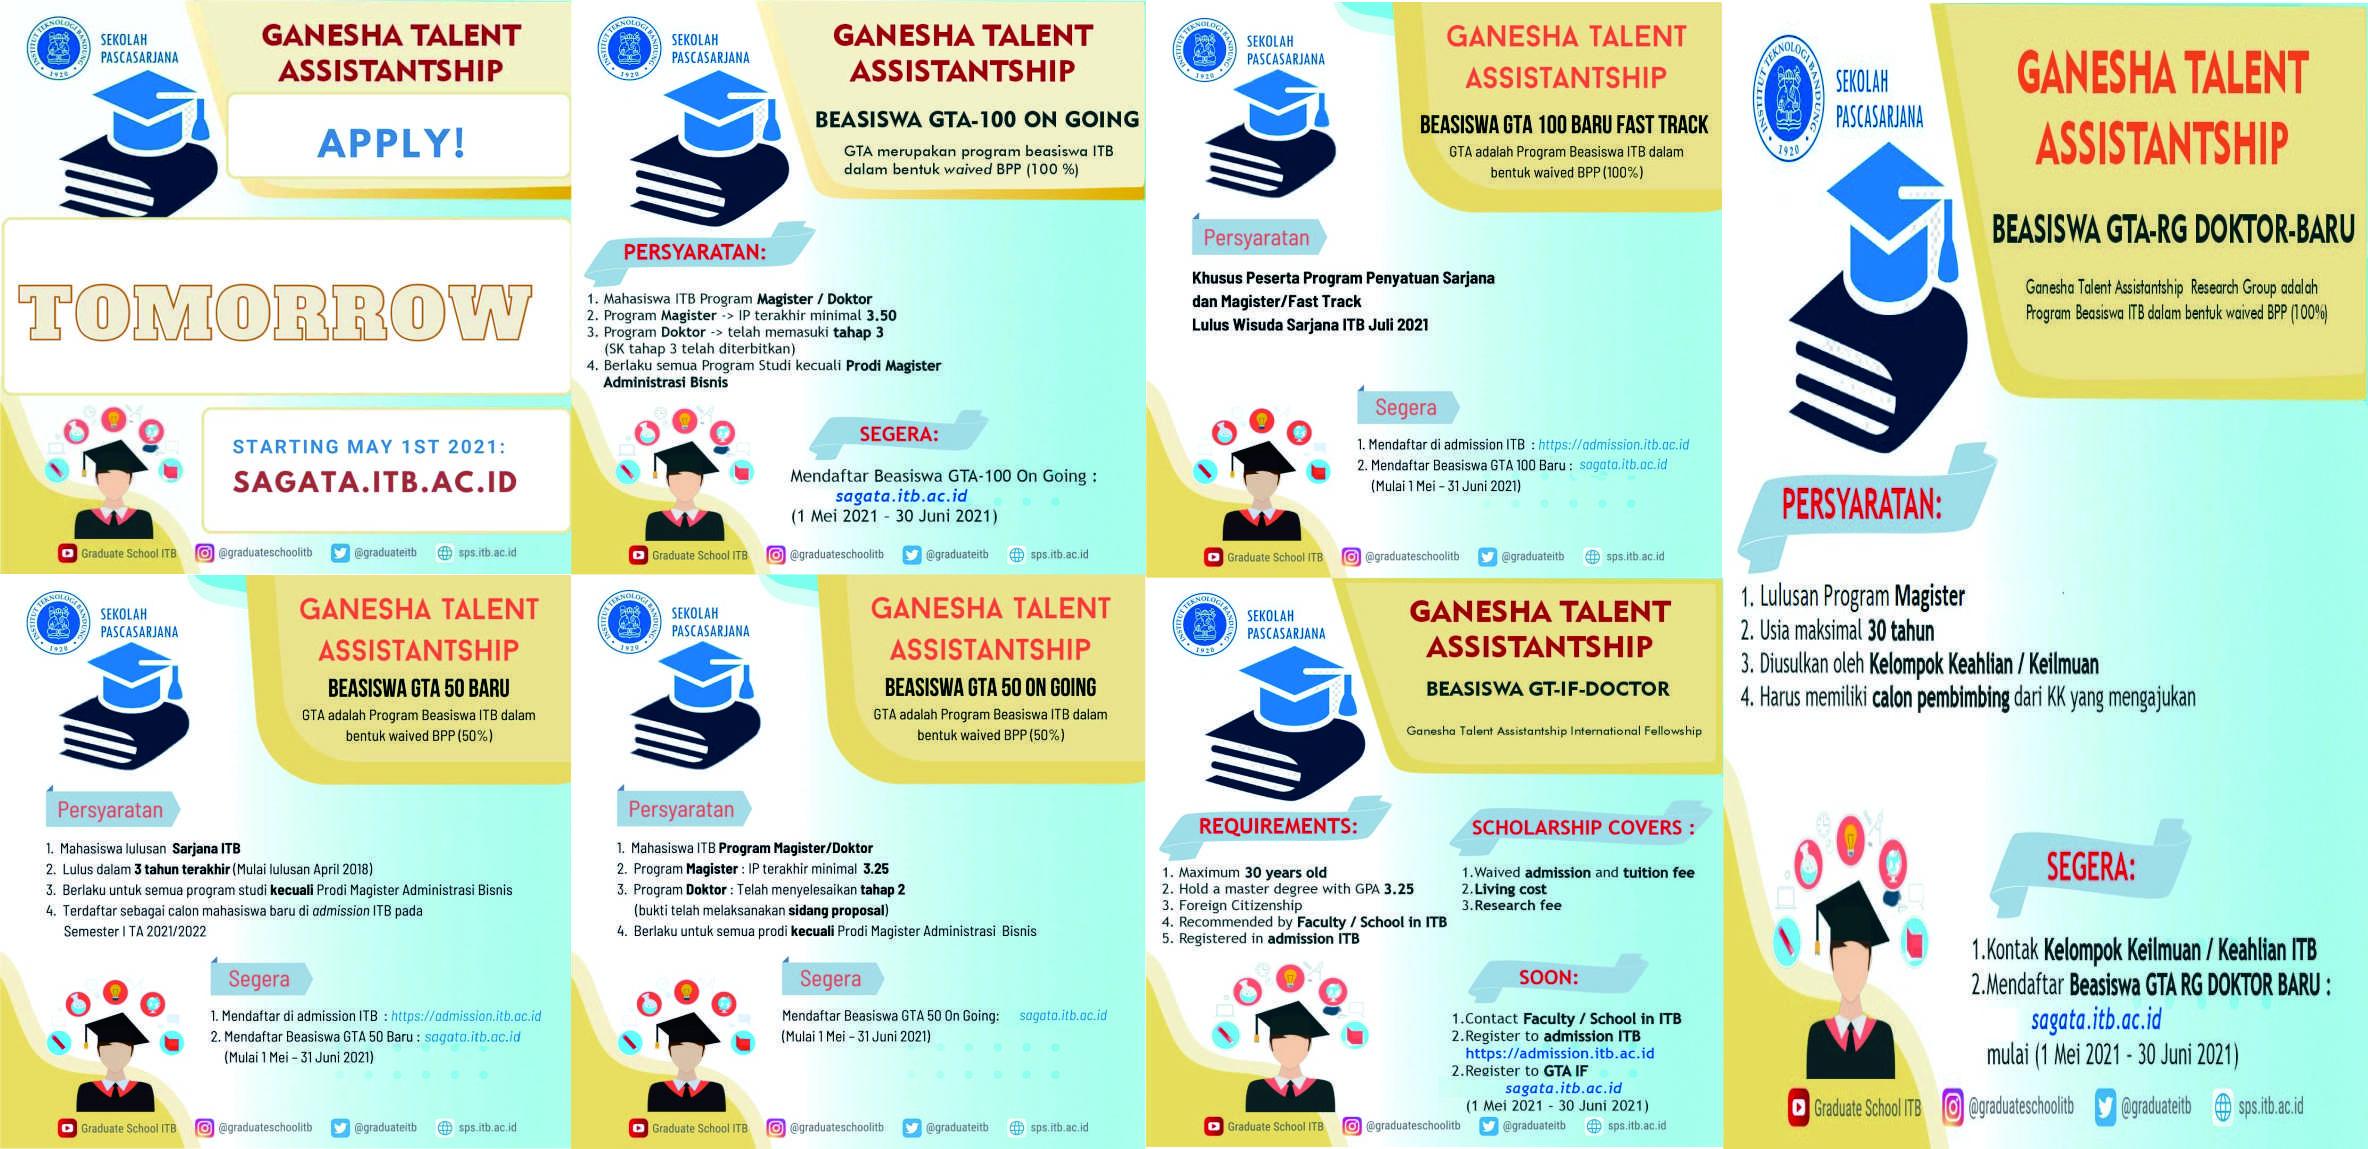 GANESHA TALENT ASSISTANTSHIP BEASISWA GT-IF DOCTOR